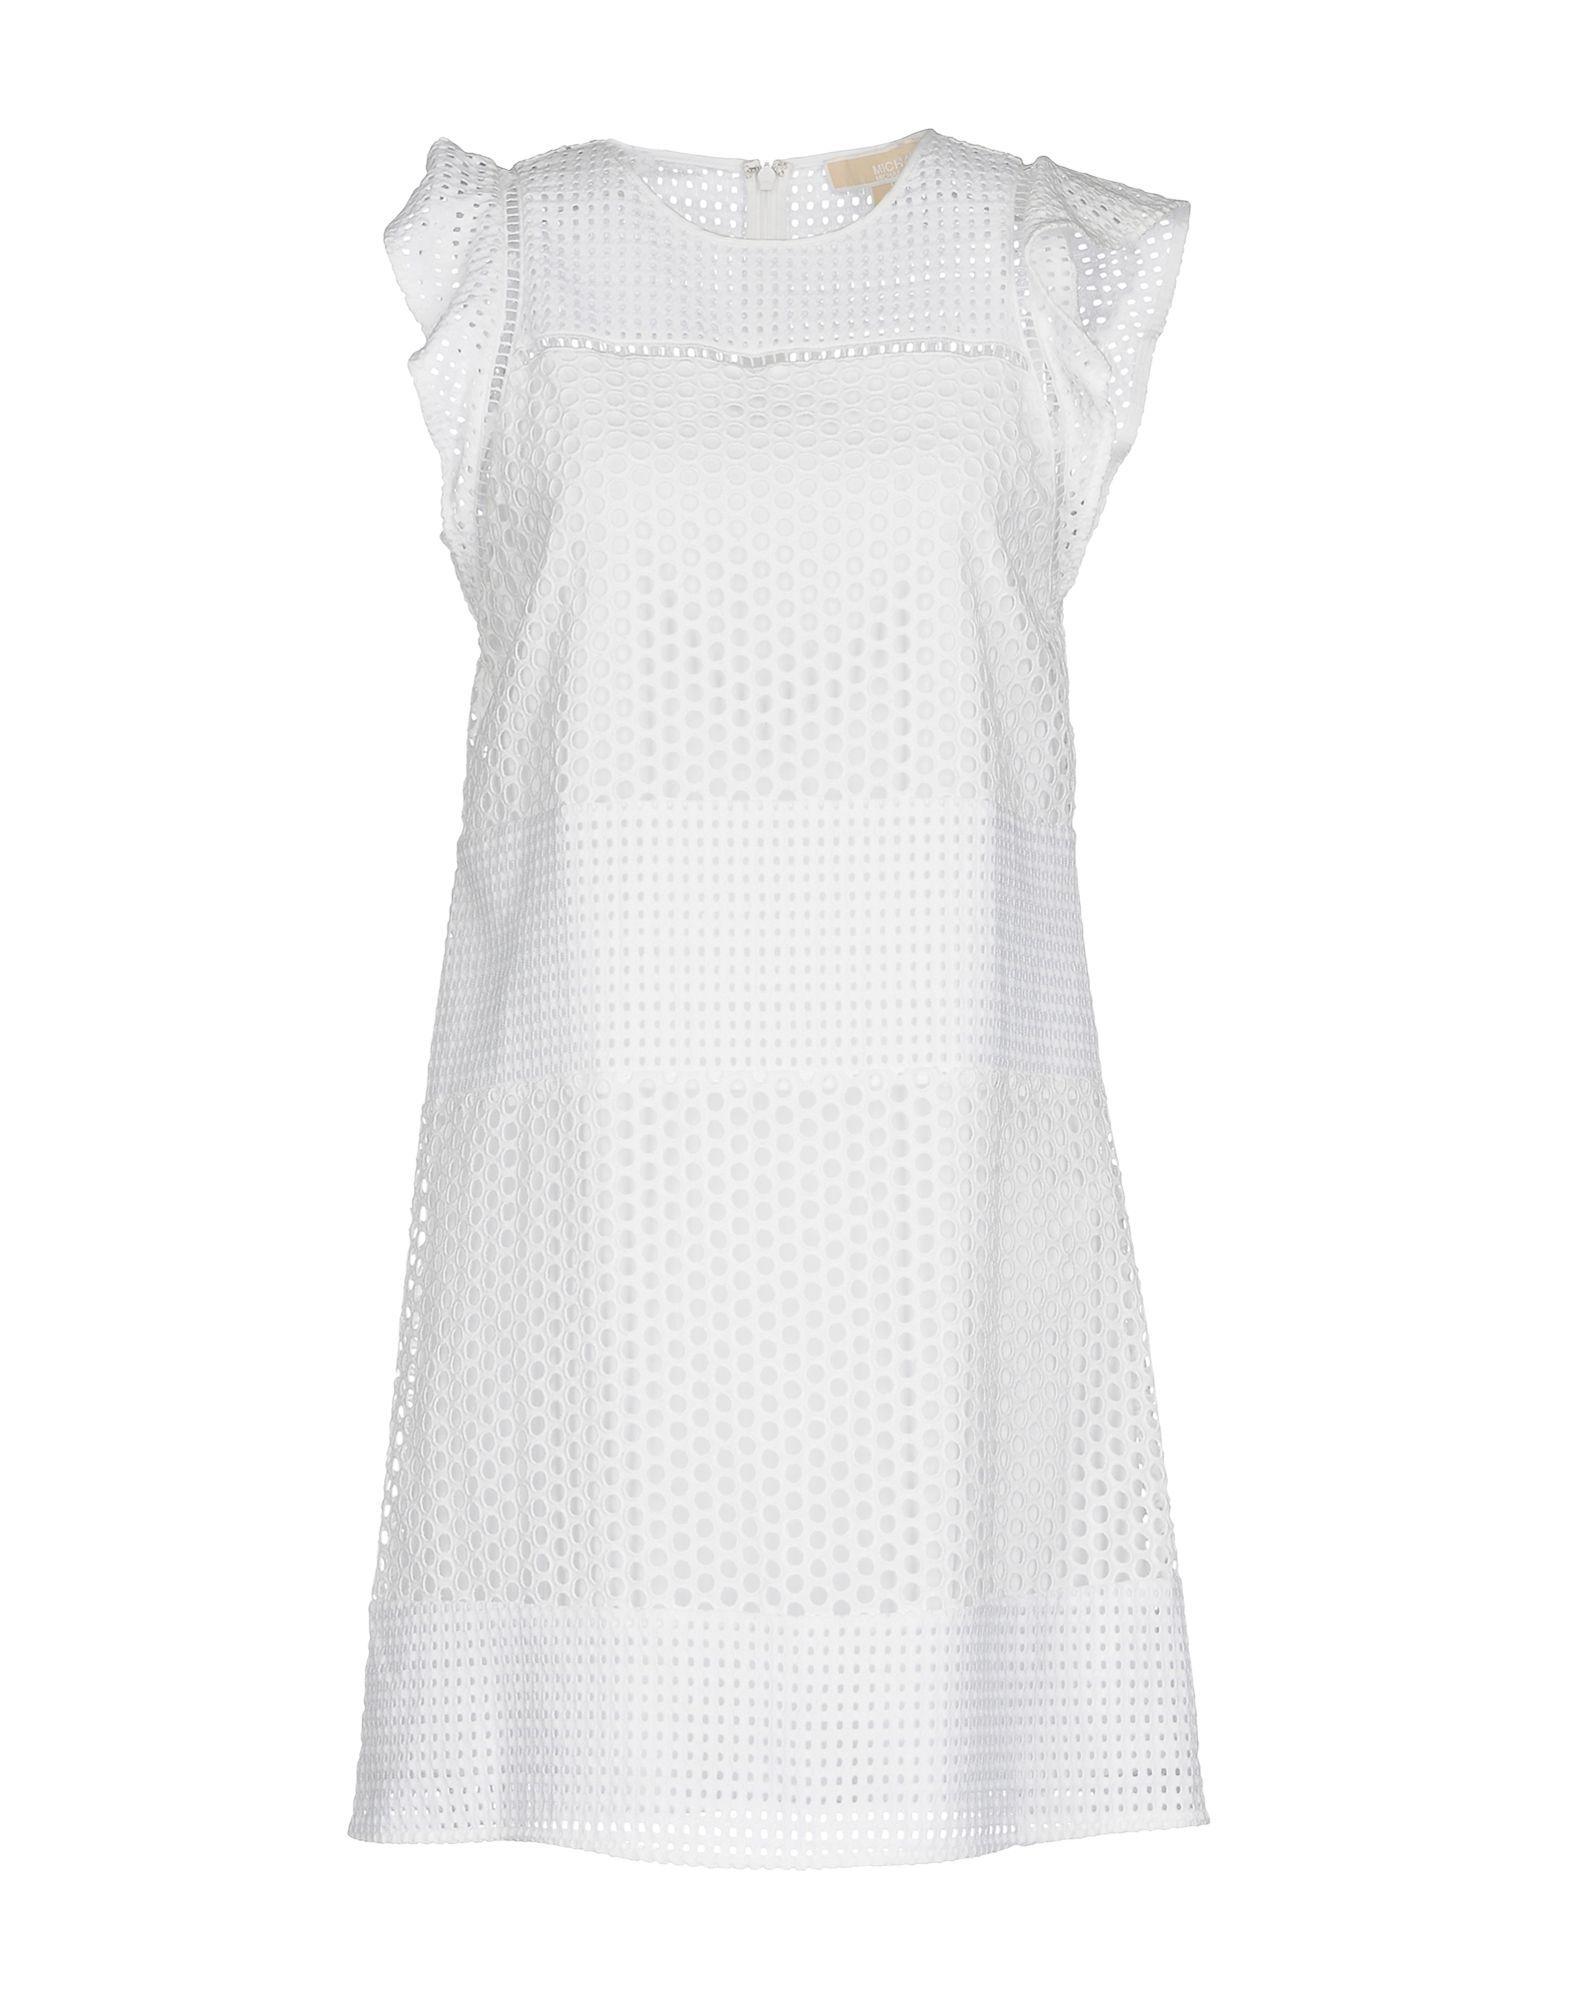 Dress Michael Michael Kors White Women's Cotton